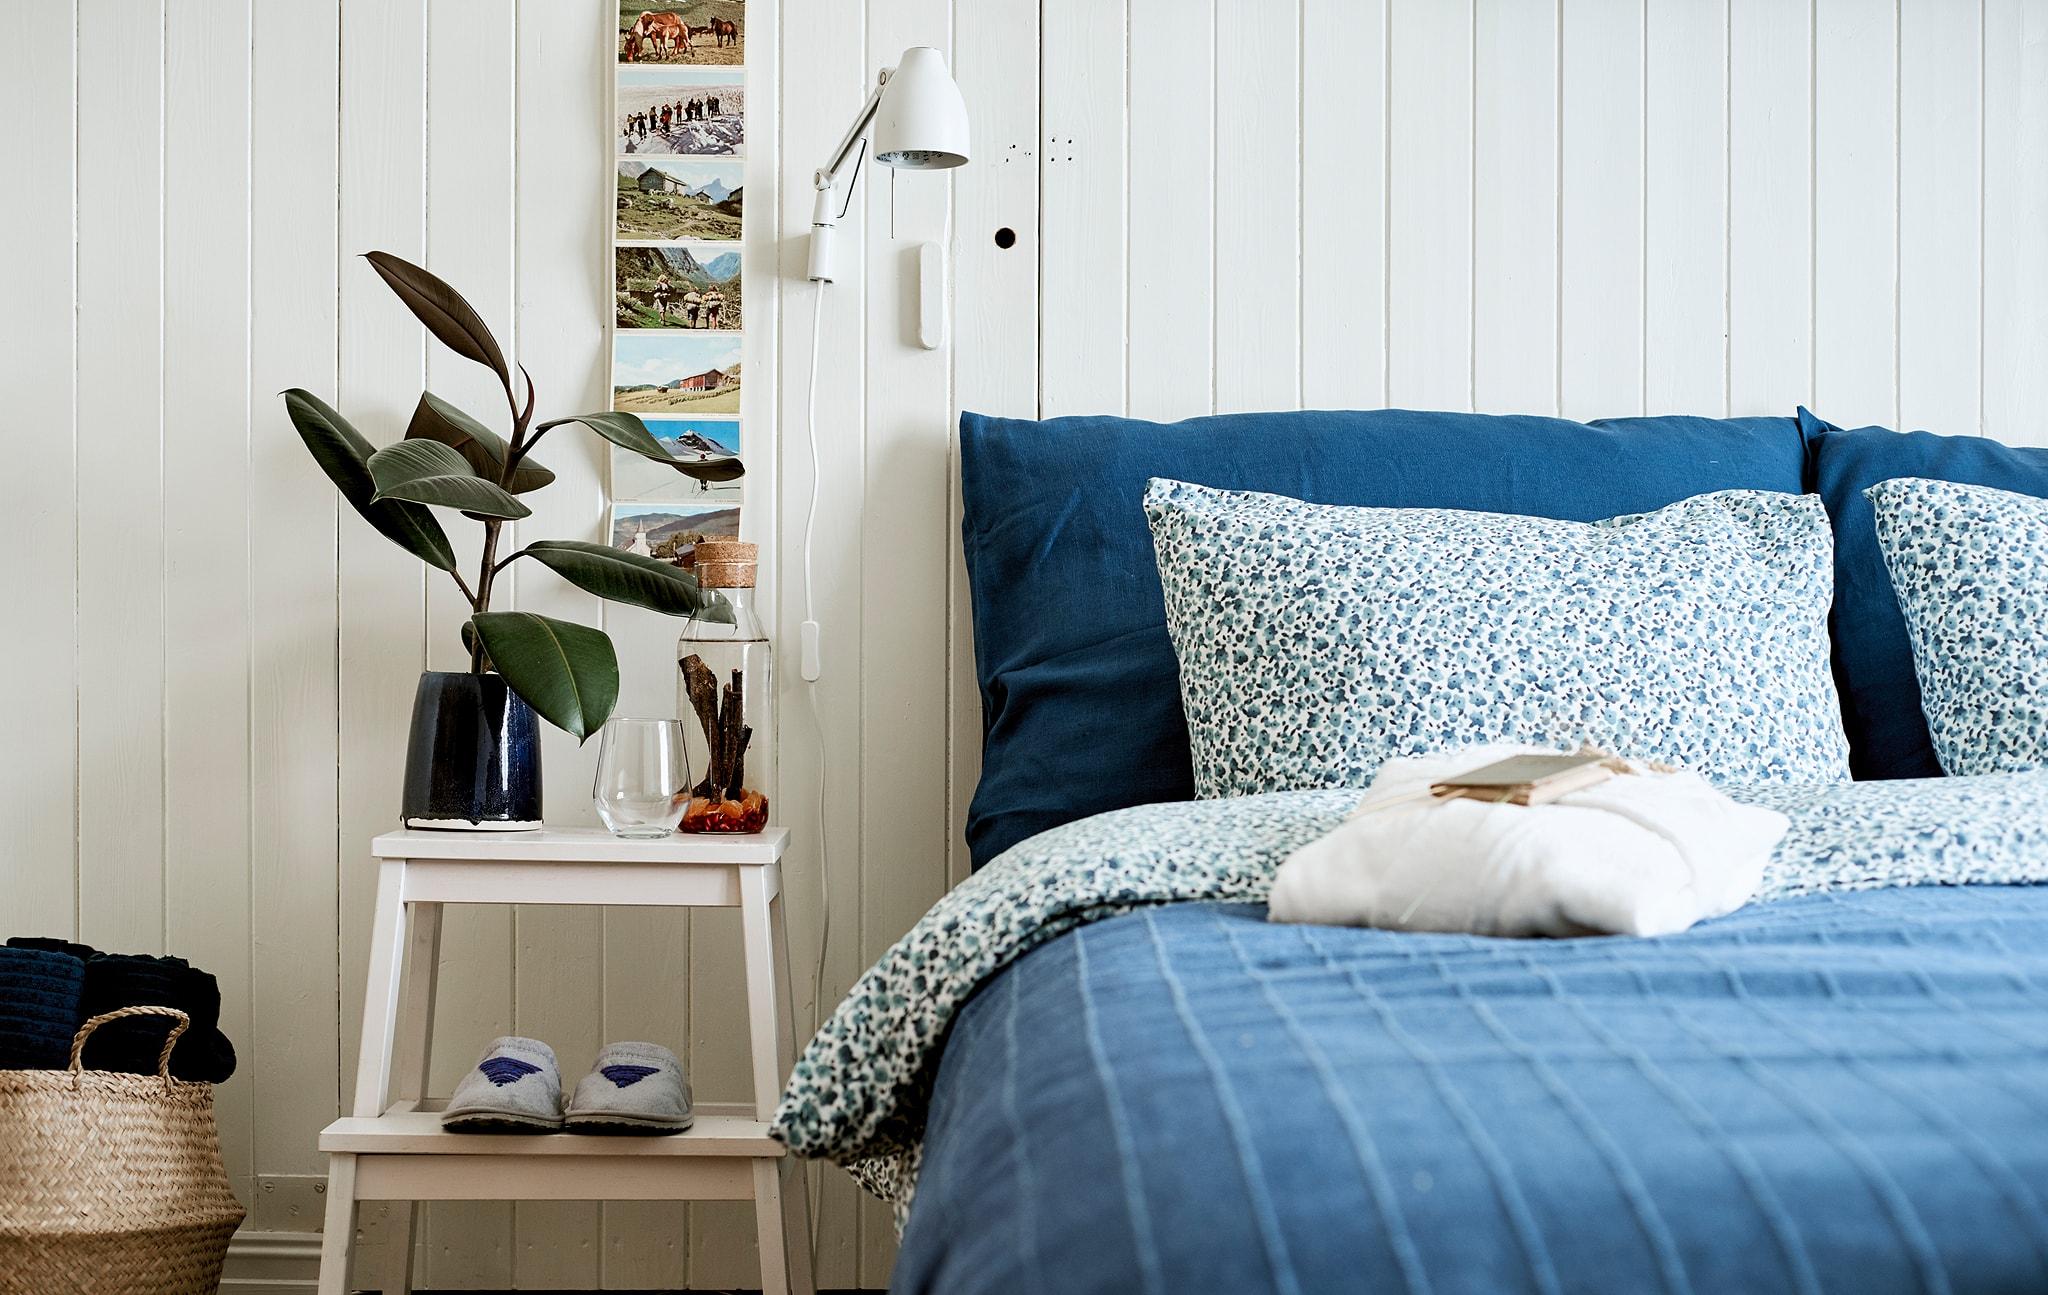 採用藍色寢具的整齊床舖,兼作角几的腳踏上有一瓶維他命水和水杯。